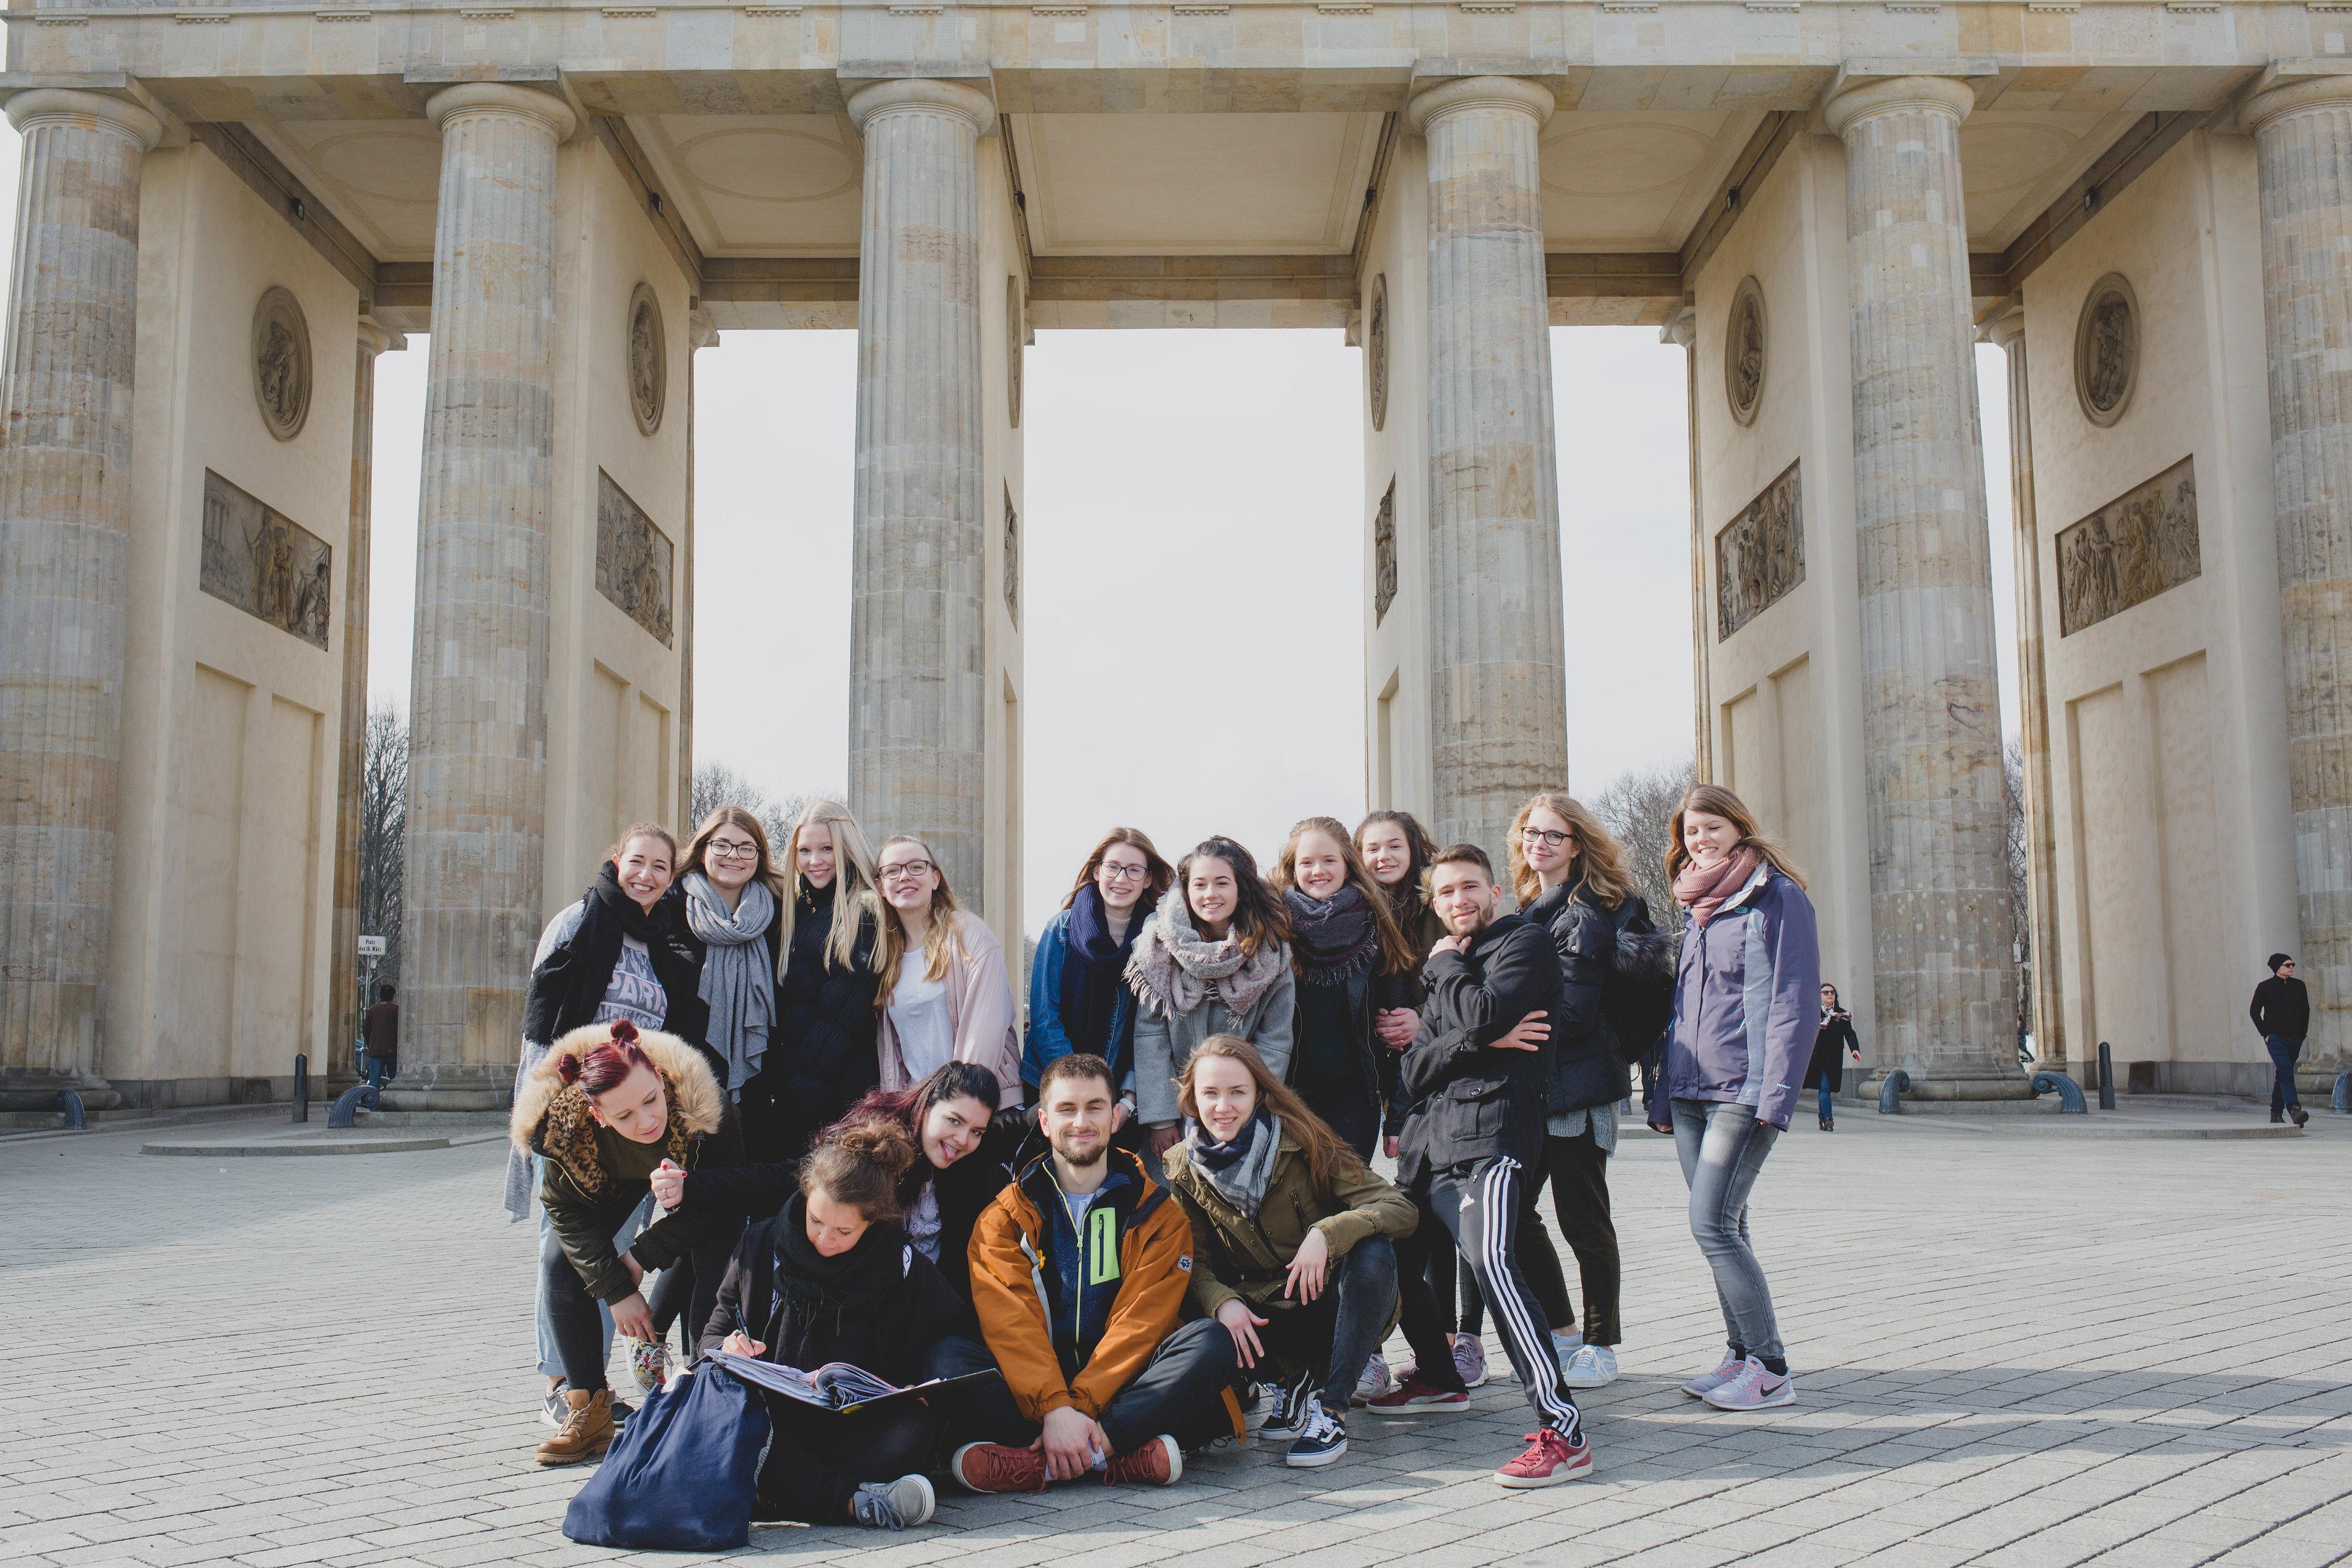 CS_juzelohr-berlin-242